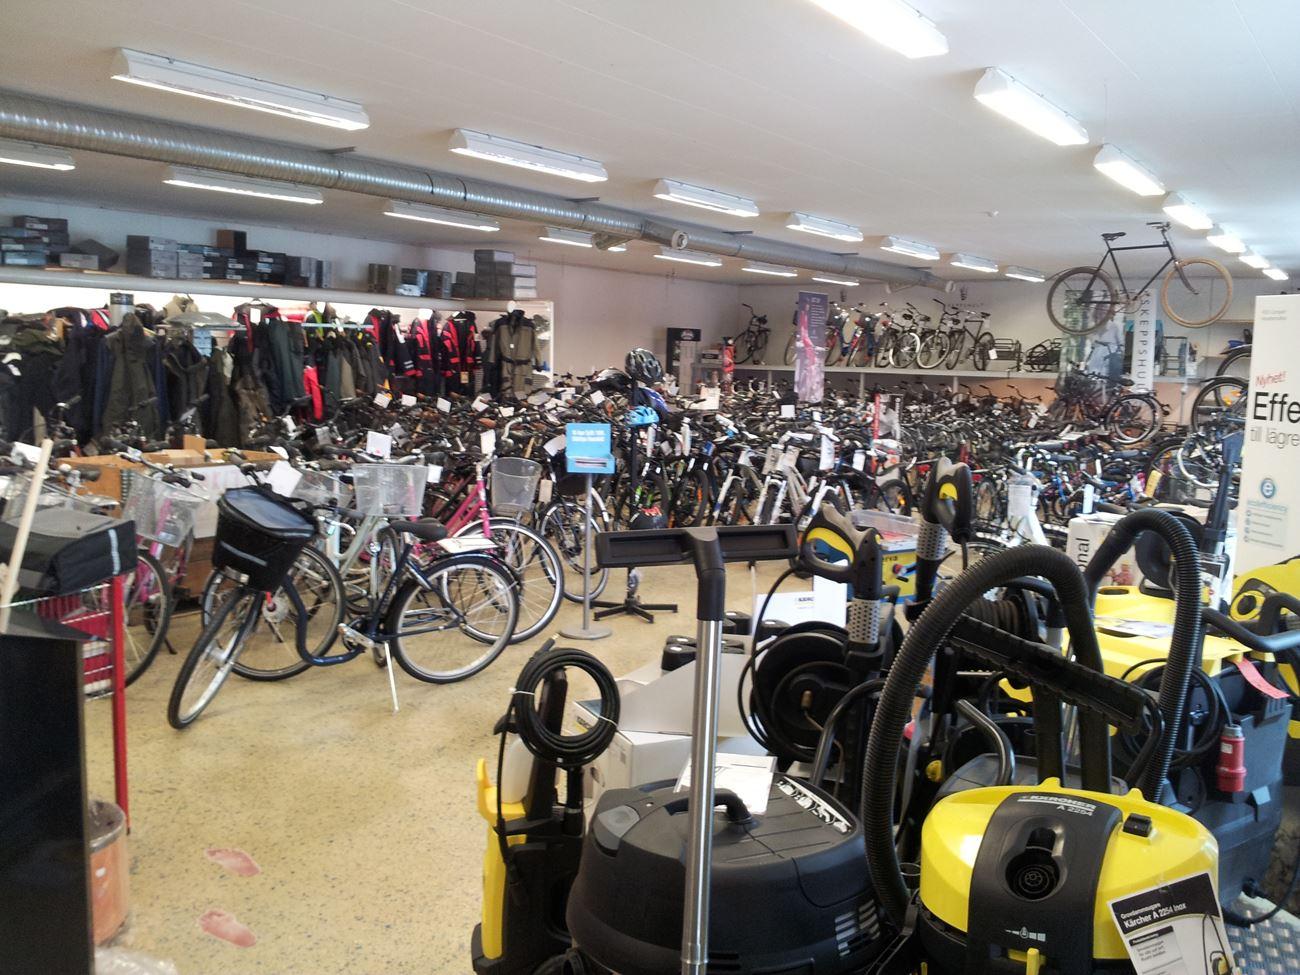 © Vetlanda Turistbyrå, Cyklar Bengtssons cykel & service